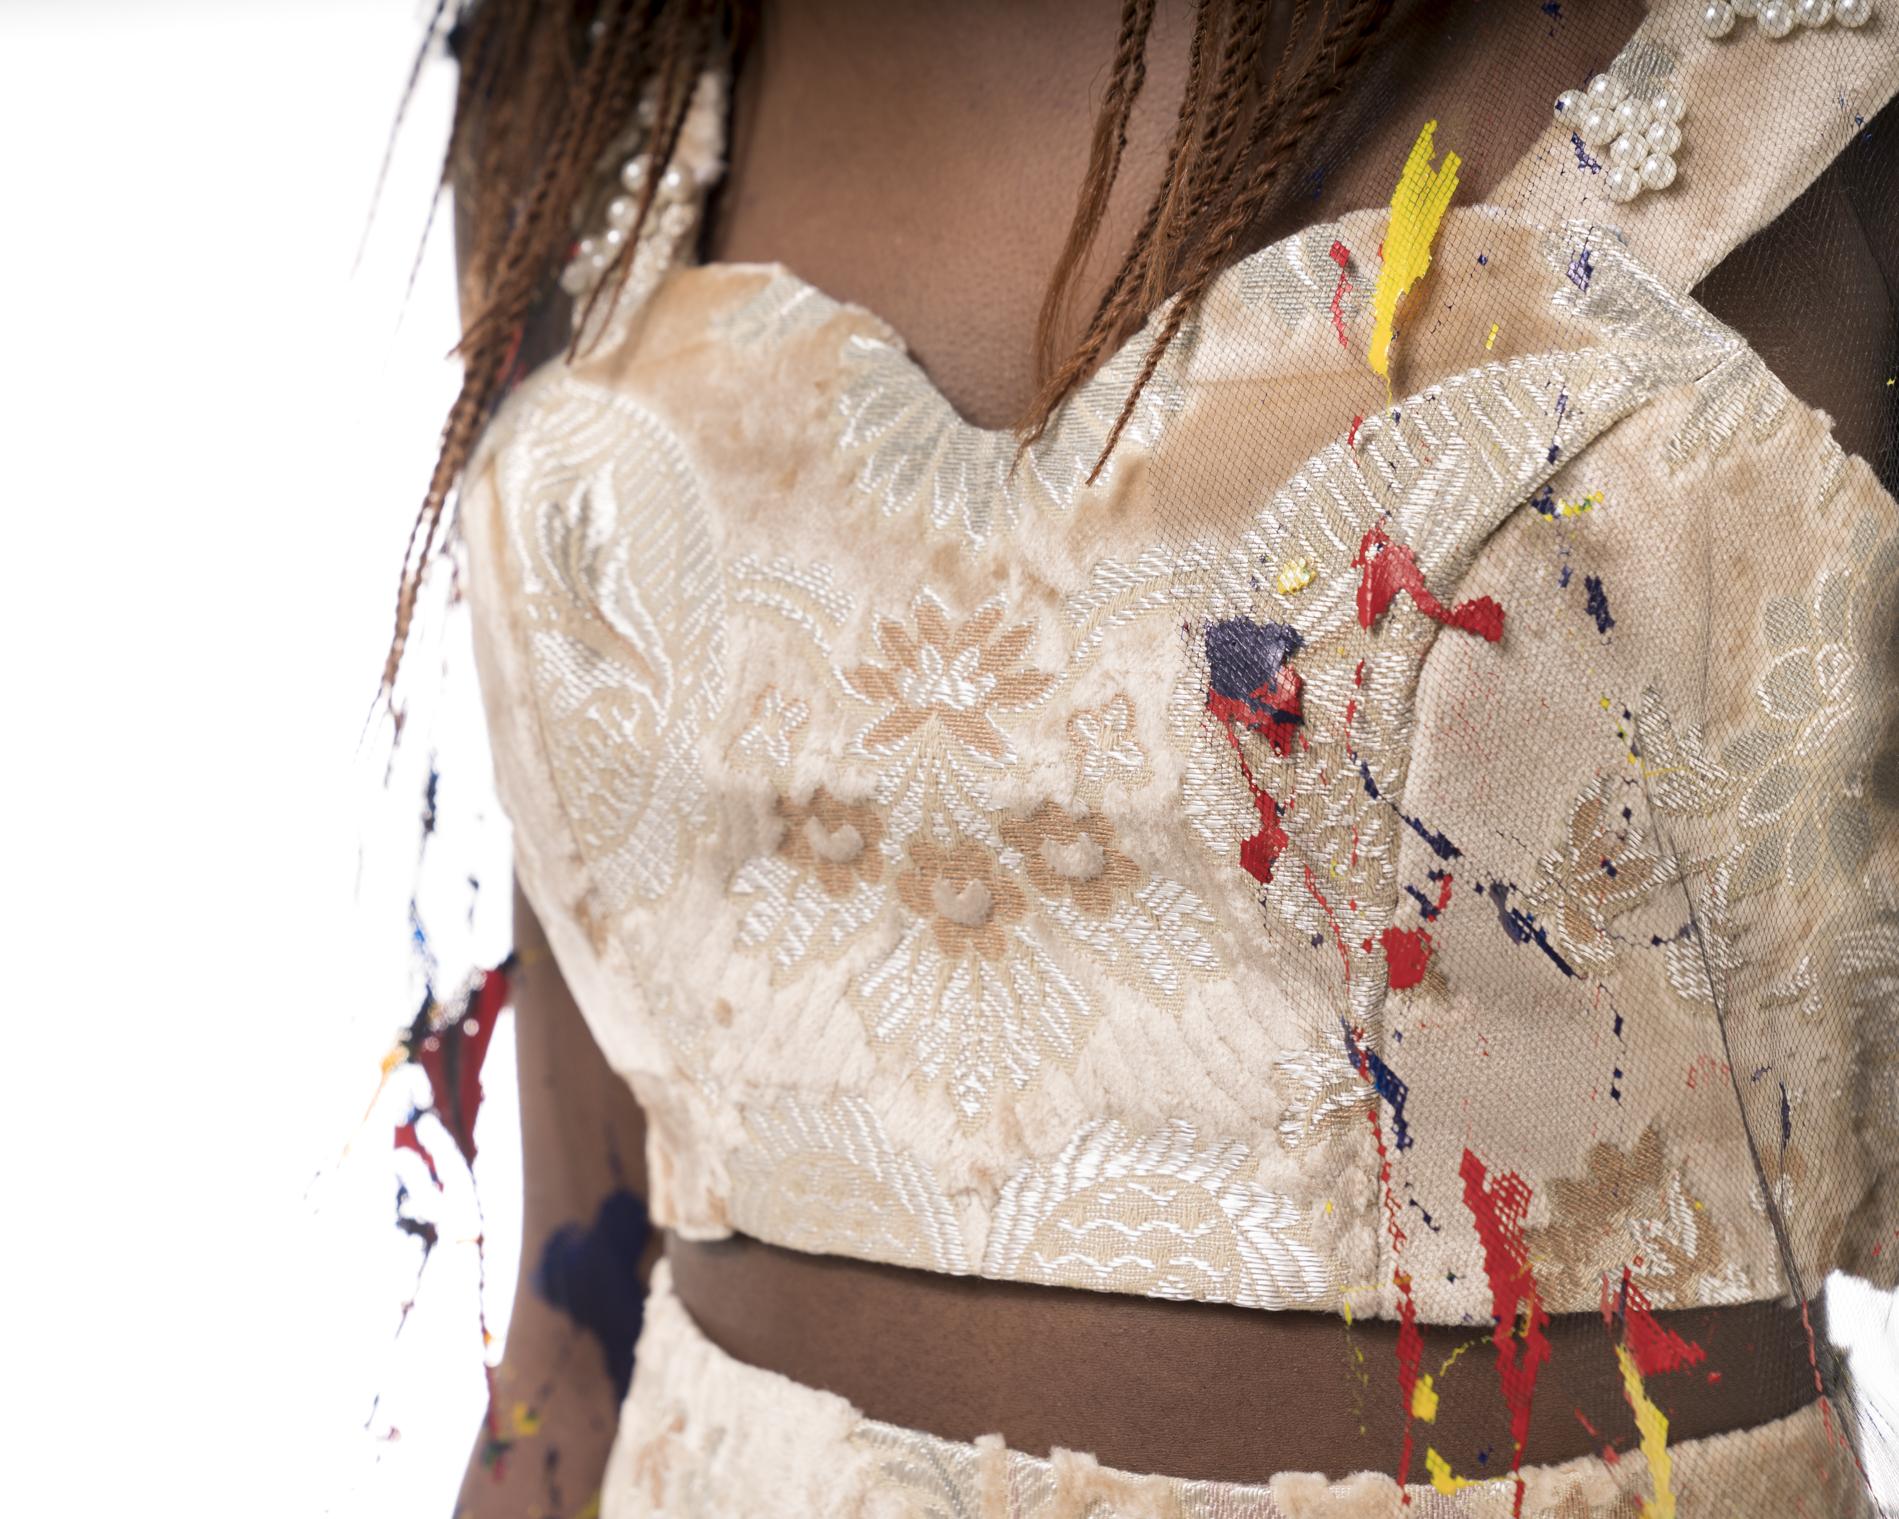 Dubay_Fashion_MinaSmithHodzik_WEB (82 of 89).jpg